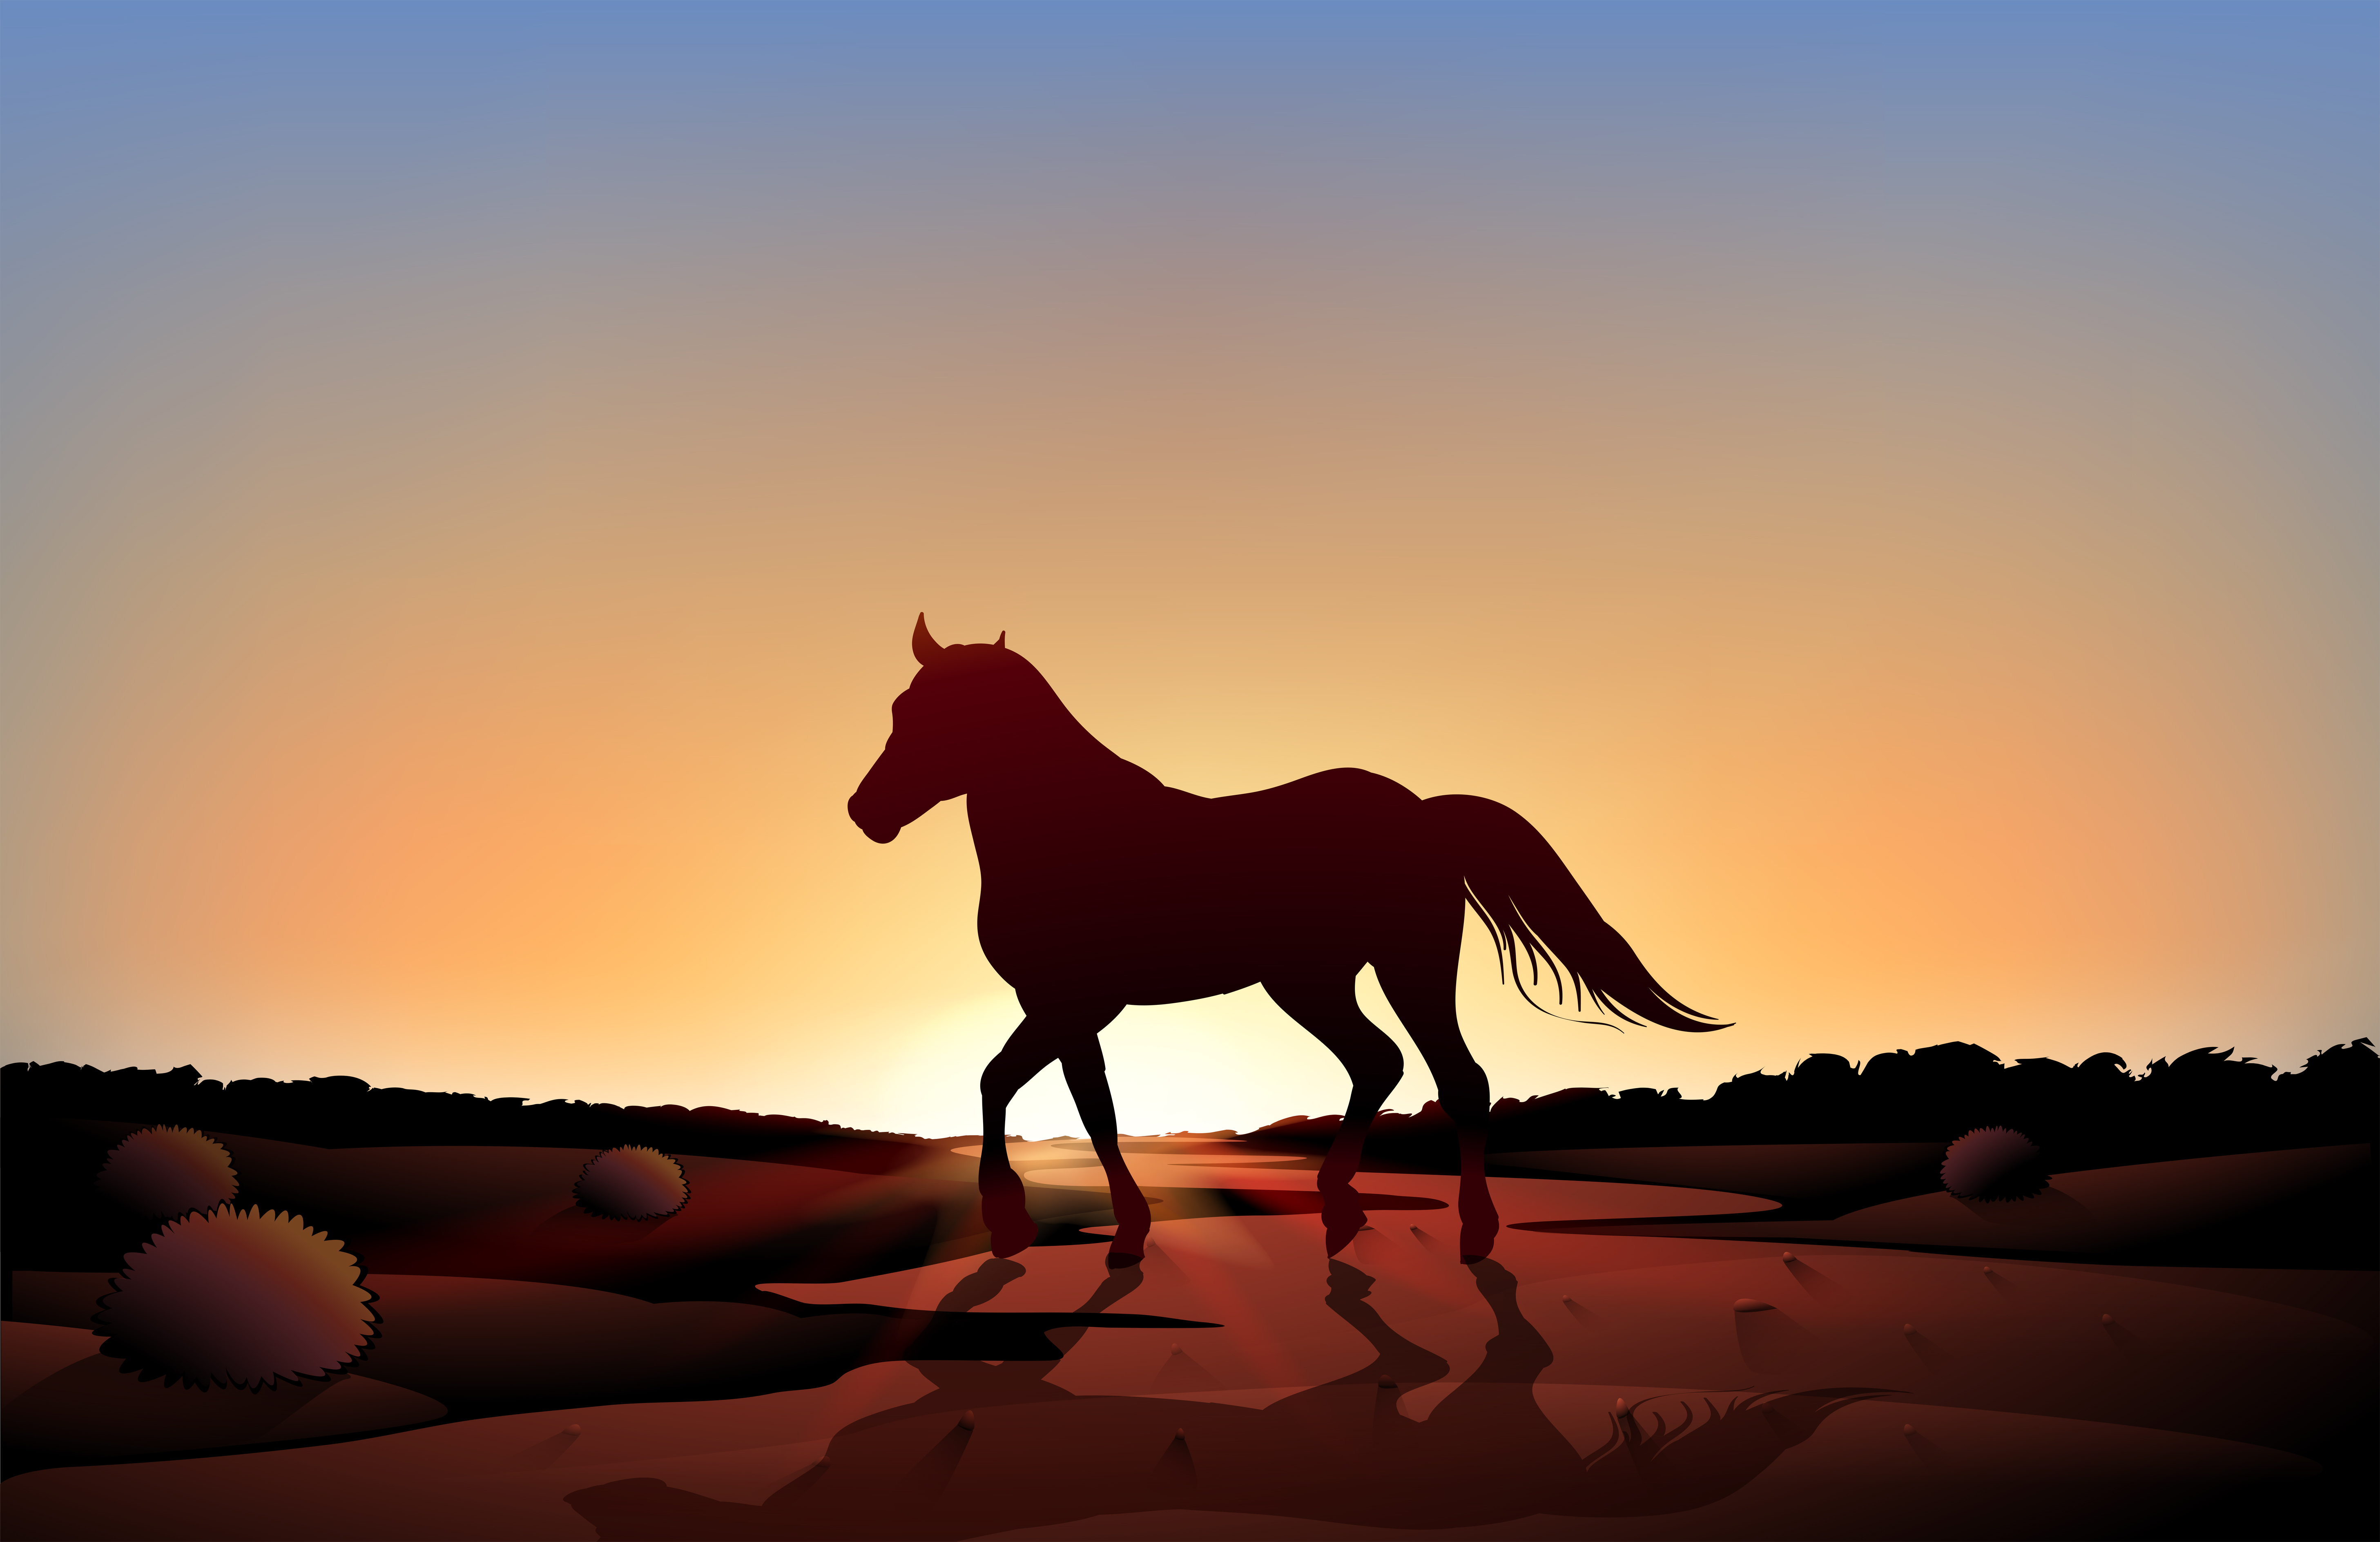 Un Caballo En Un Paisaje Al Atardecer En El Desierto